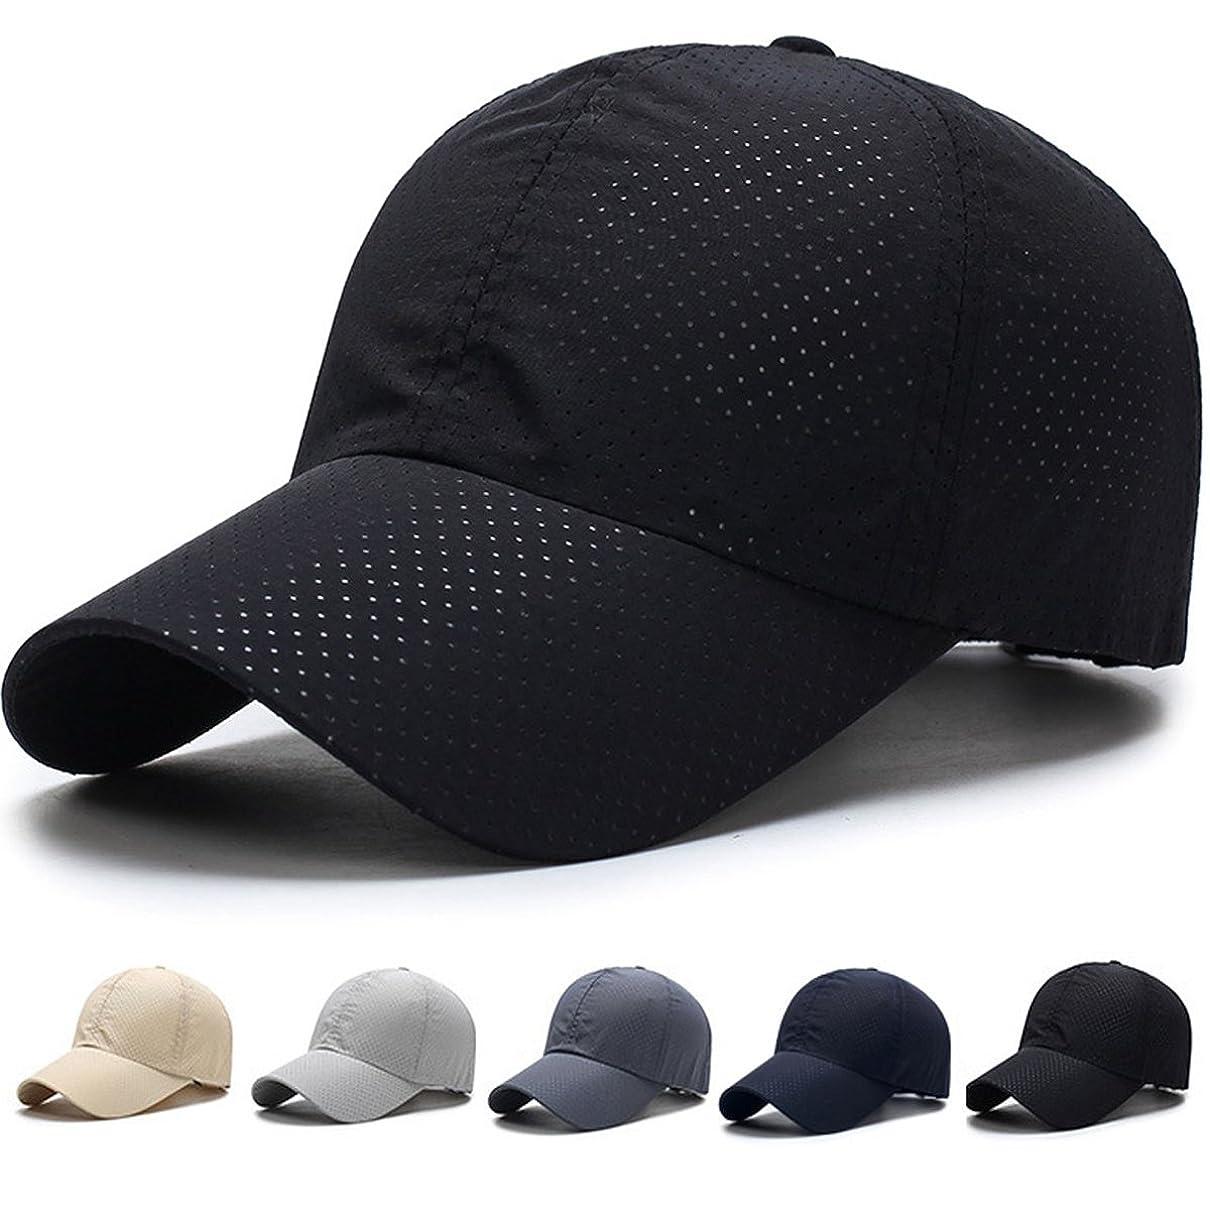 ピークお金ゴム傾いたキャップ 帽子 メンズ 【紫外線対策 通気性抜群】 日焼け防止 熱中症 夏 無地 調整可能 登山 釣り ゴルフ 運転 アウトドアなどに 男女兼用